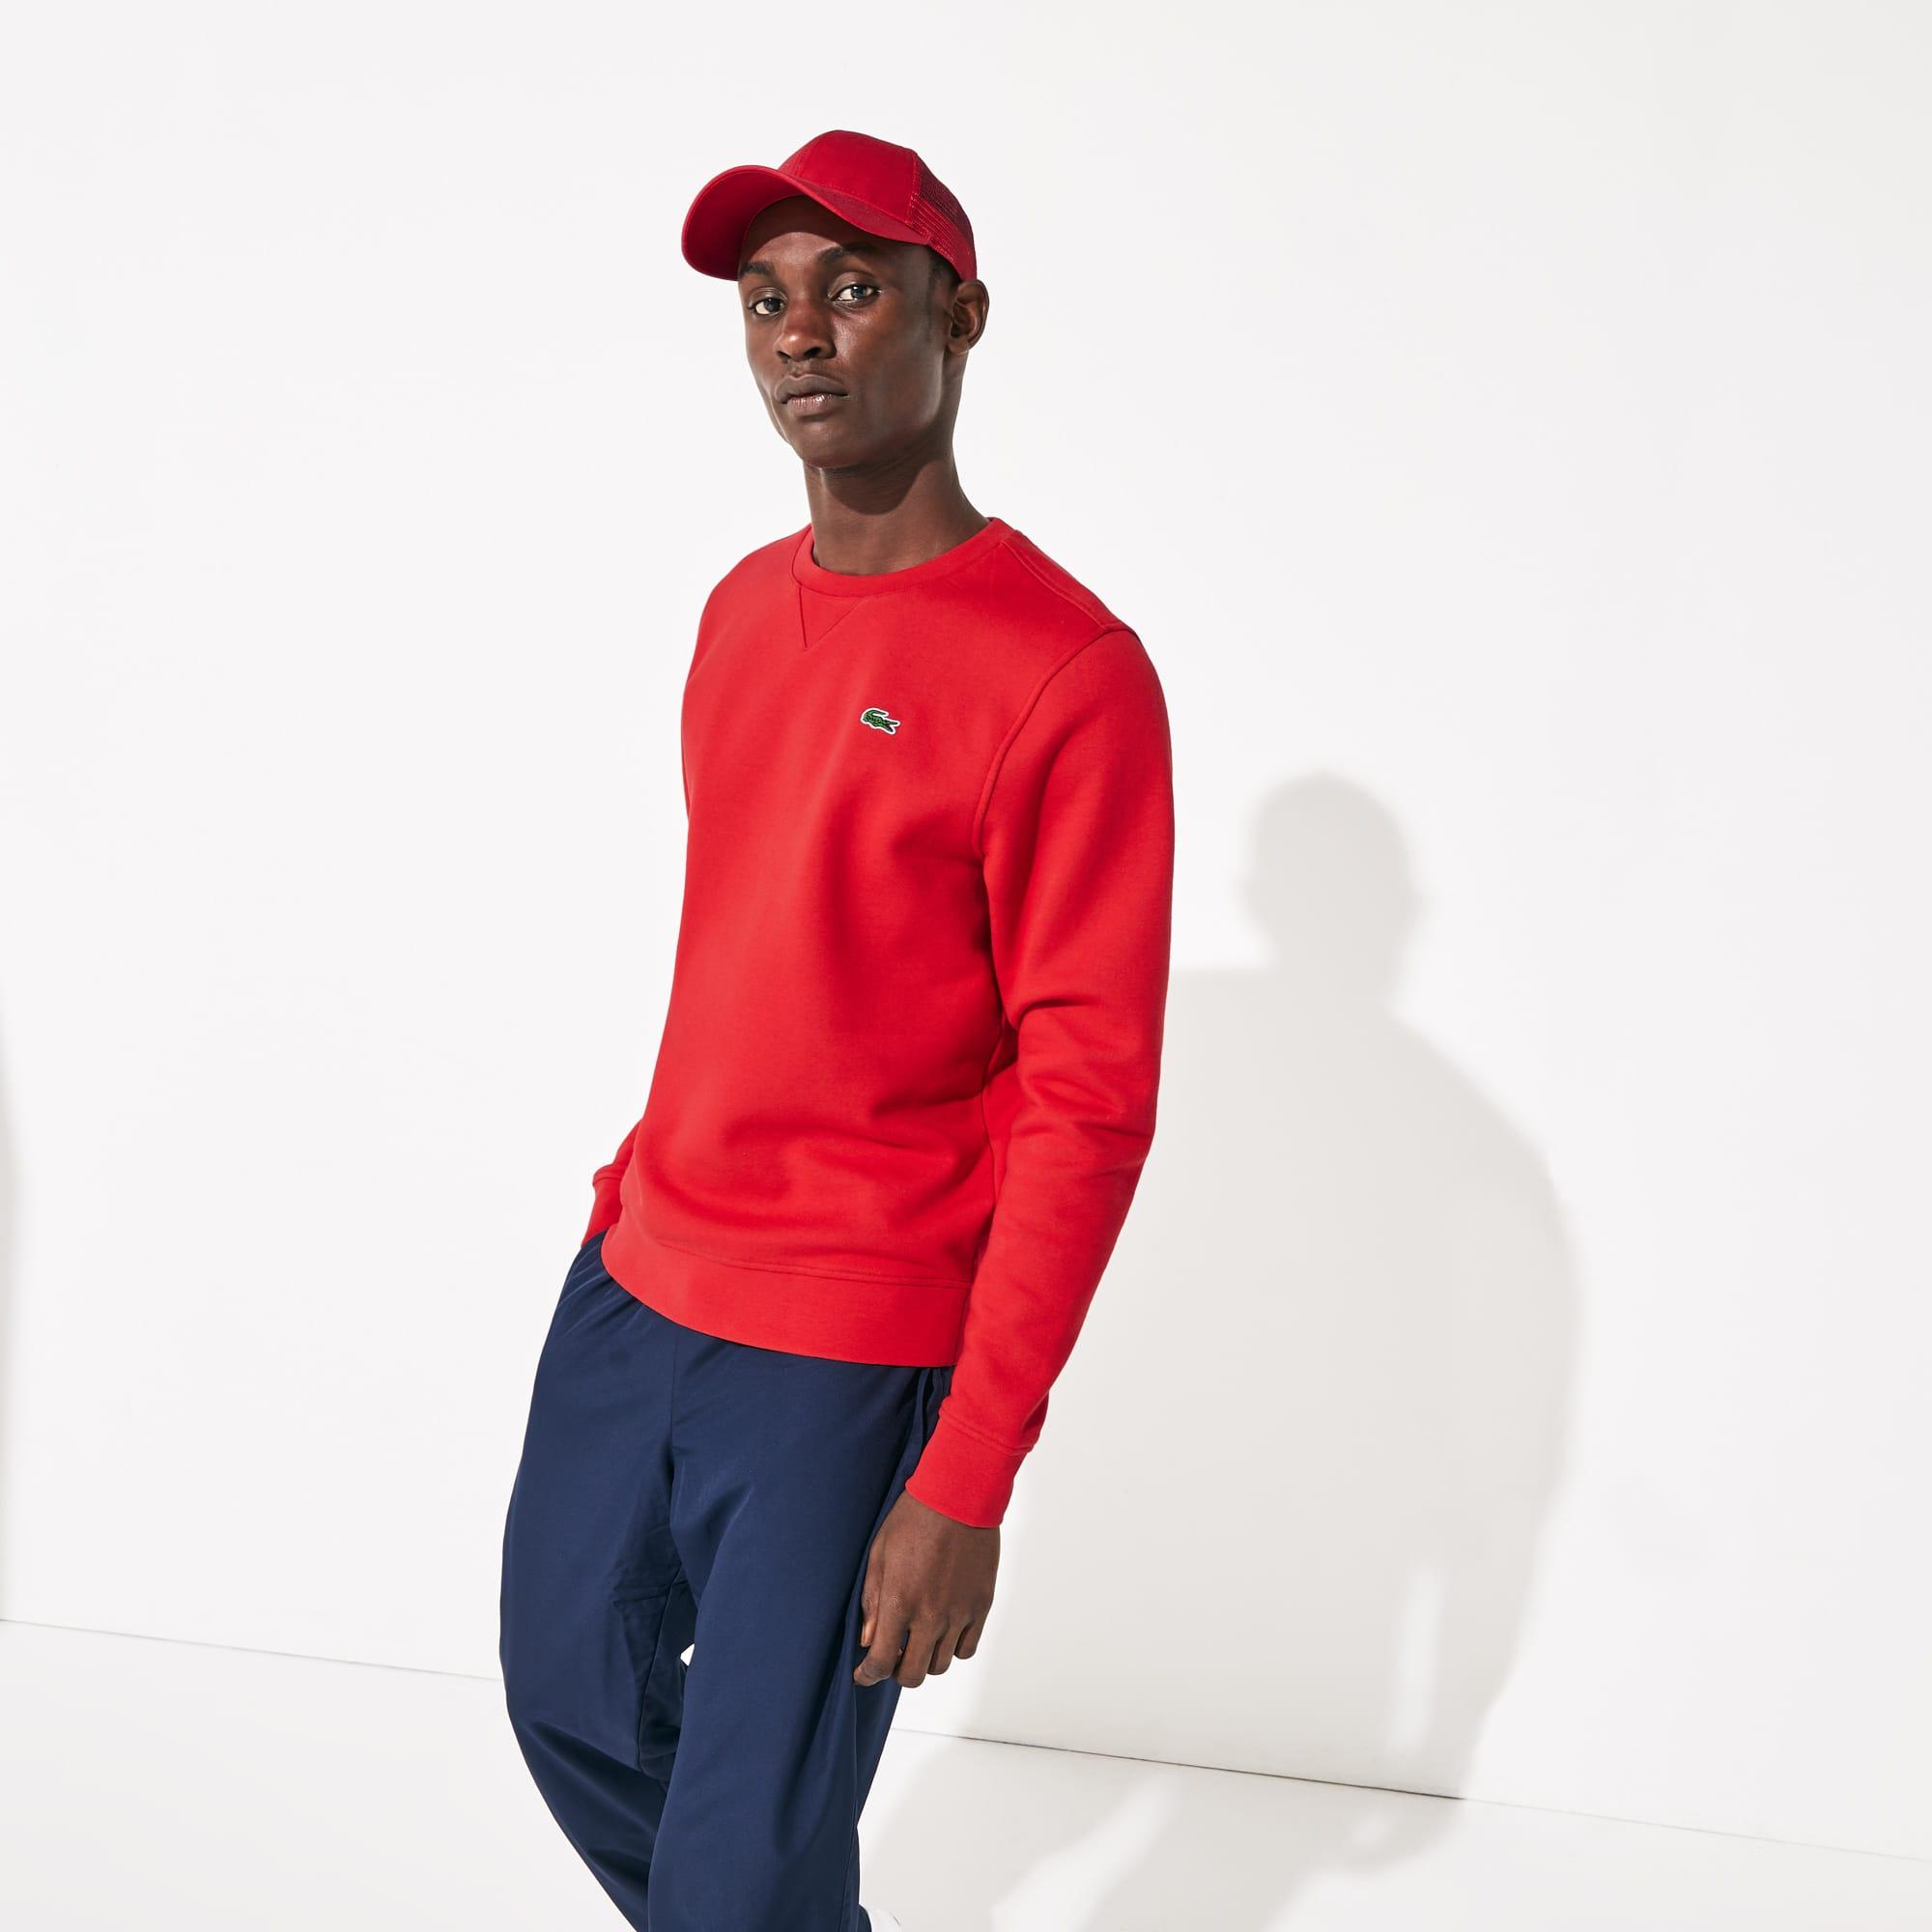 7d31bb1d1 Men s Lacoste SPORT crew neck sweatshirt in solid fleece